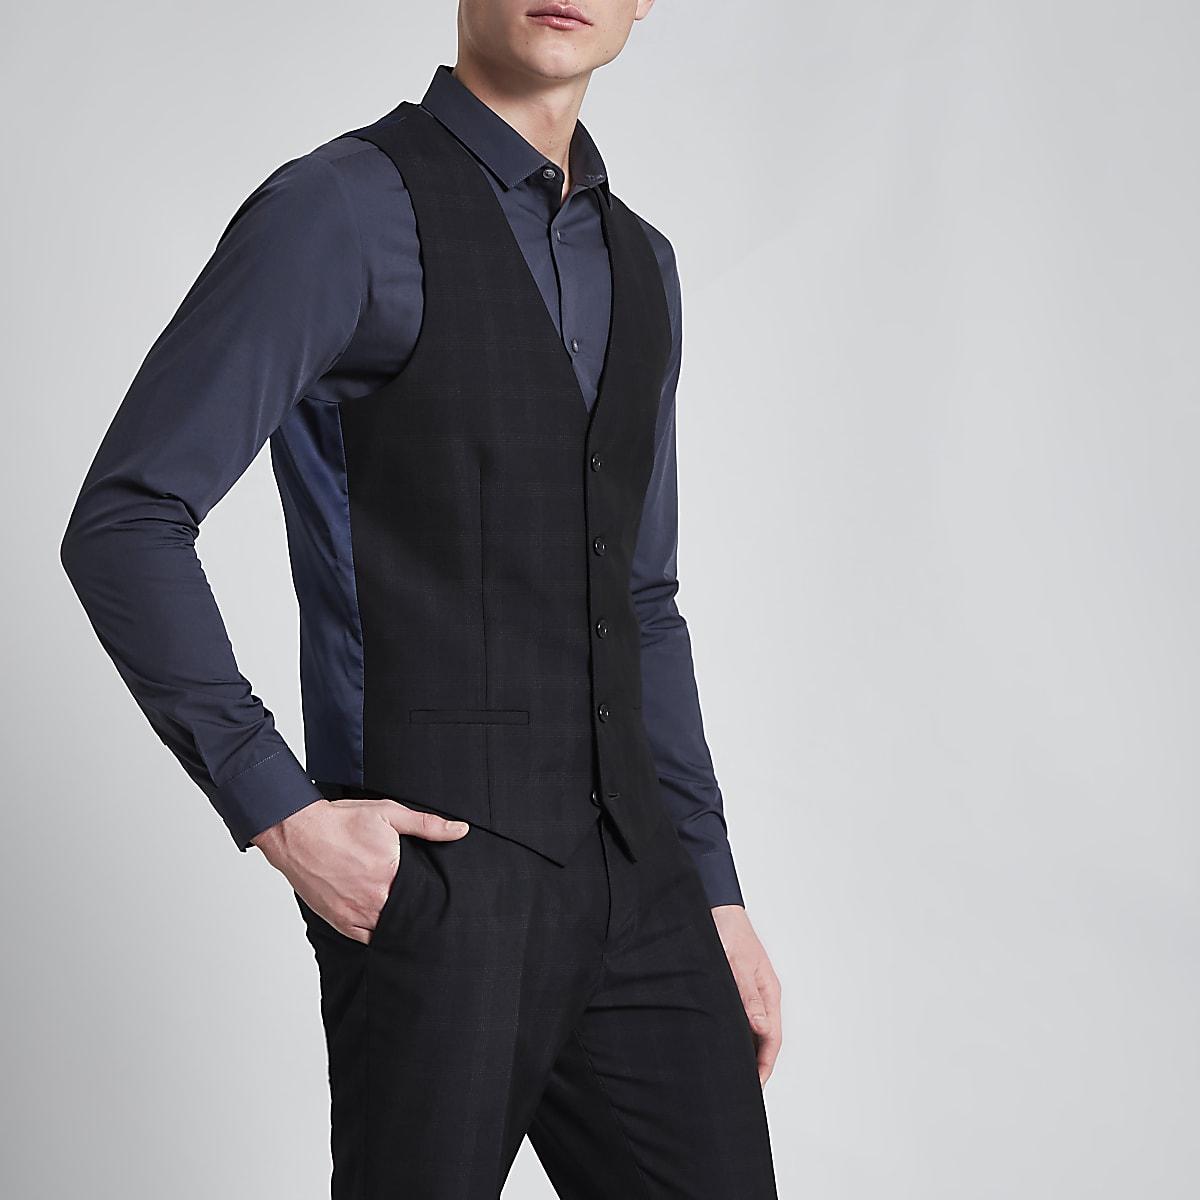 Navy check print smart suit vest